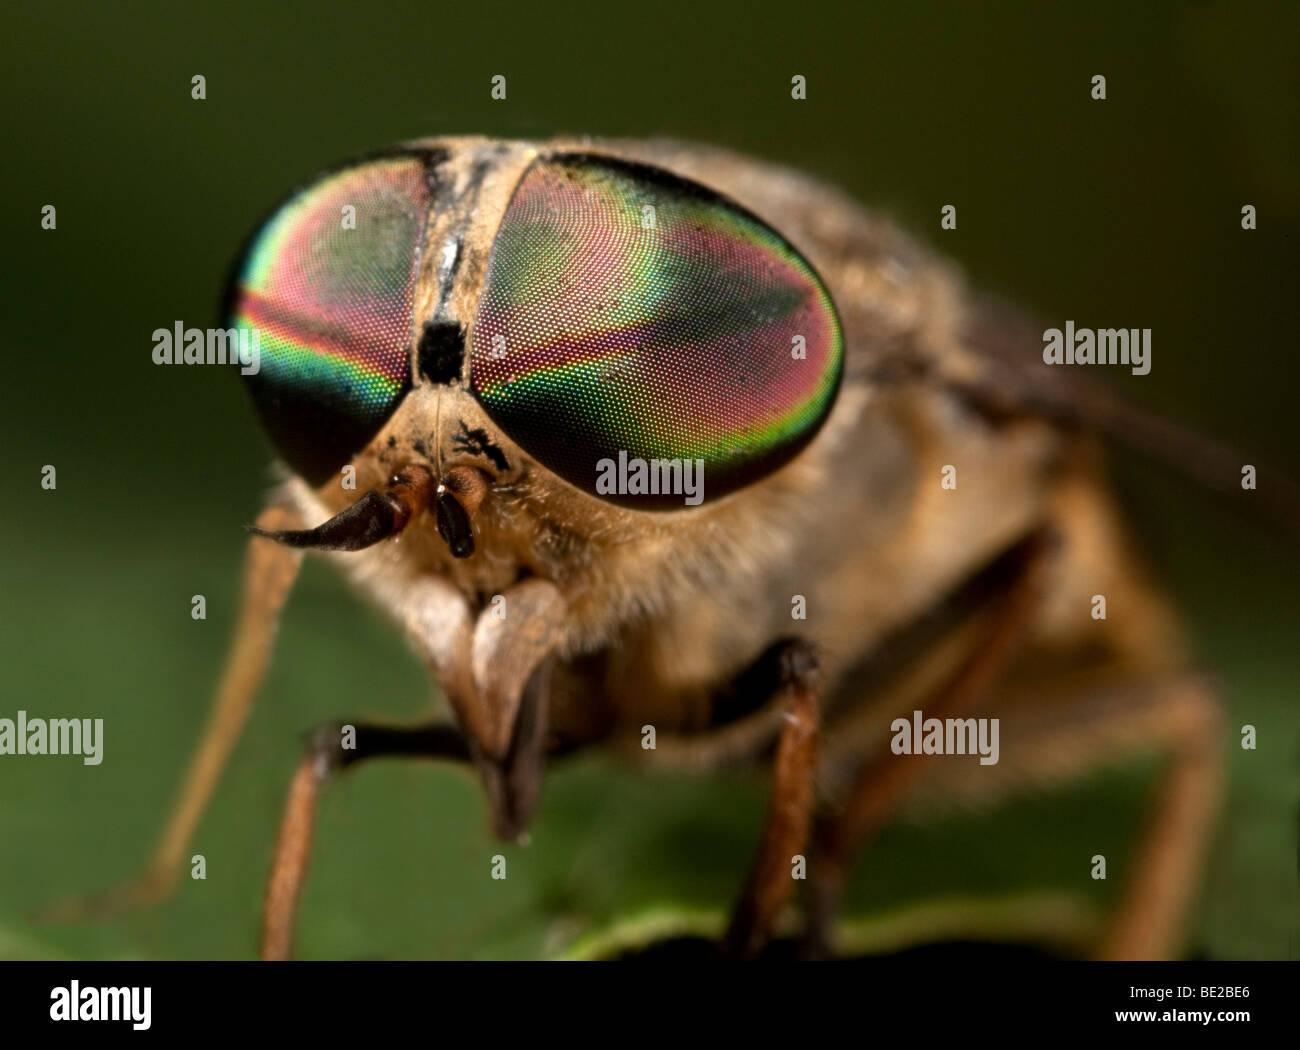 Horse Fly Tabanus bromius macro close up mostrando grande occhio composto Immagini Stock